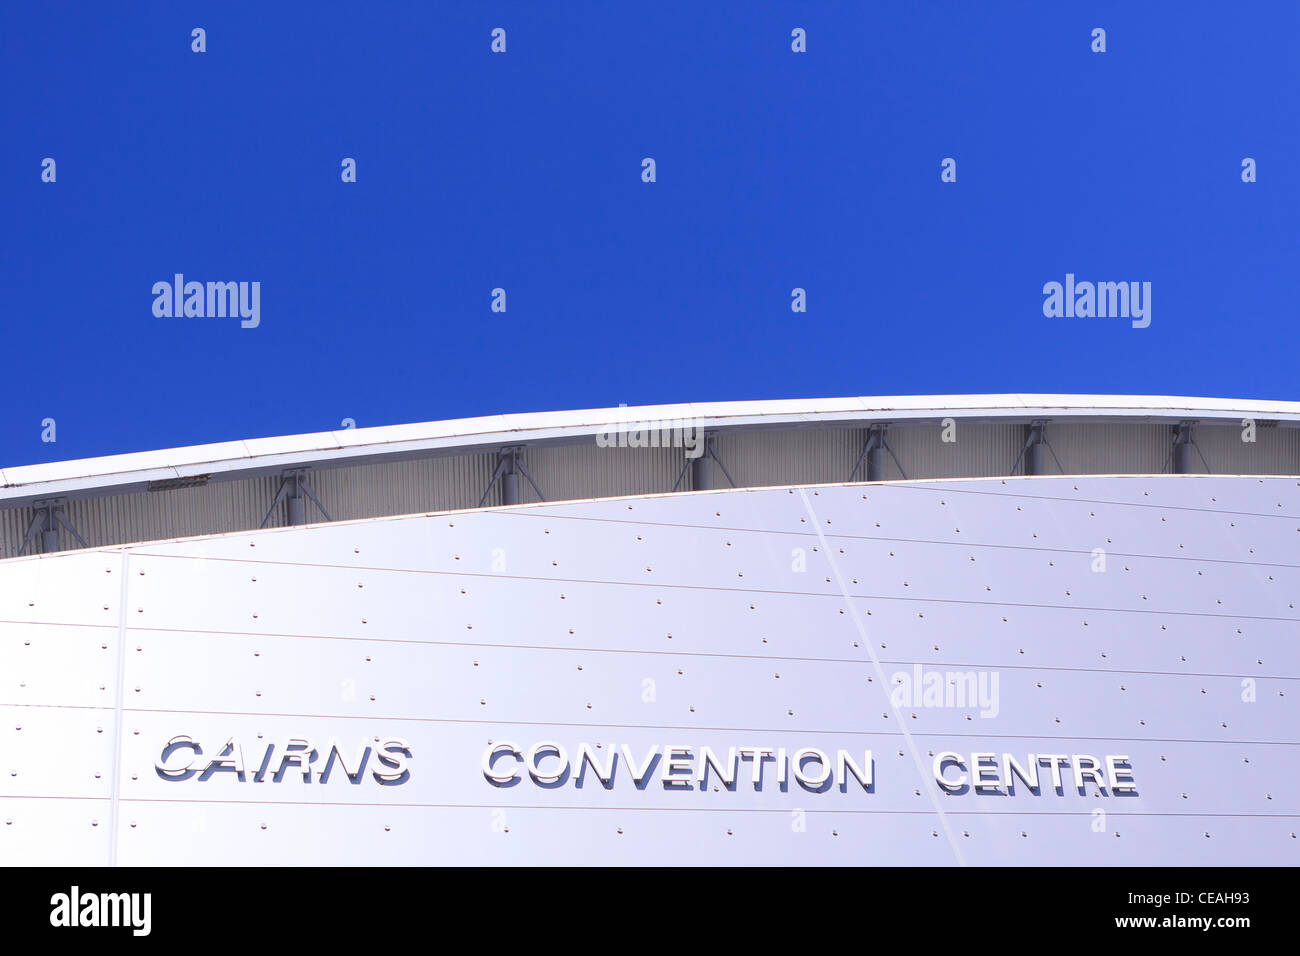 L'emblématique Centre de conférences de Cairns est l'hôte de